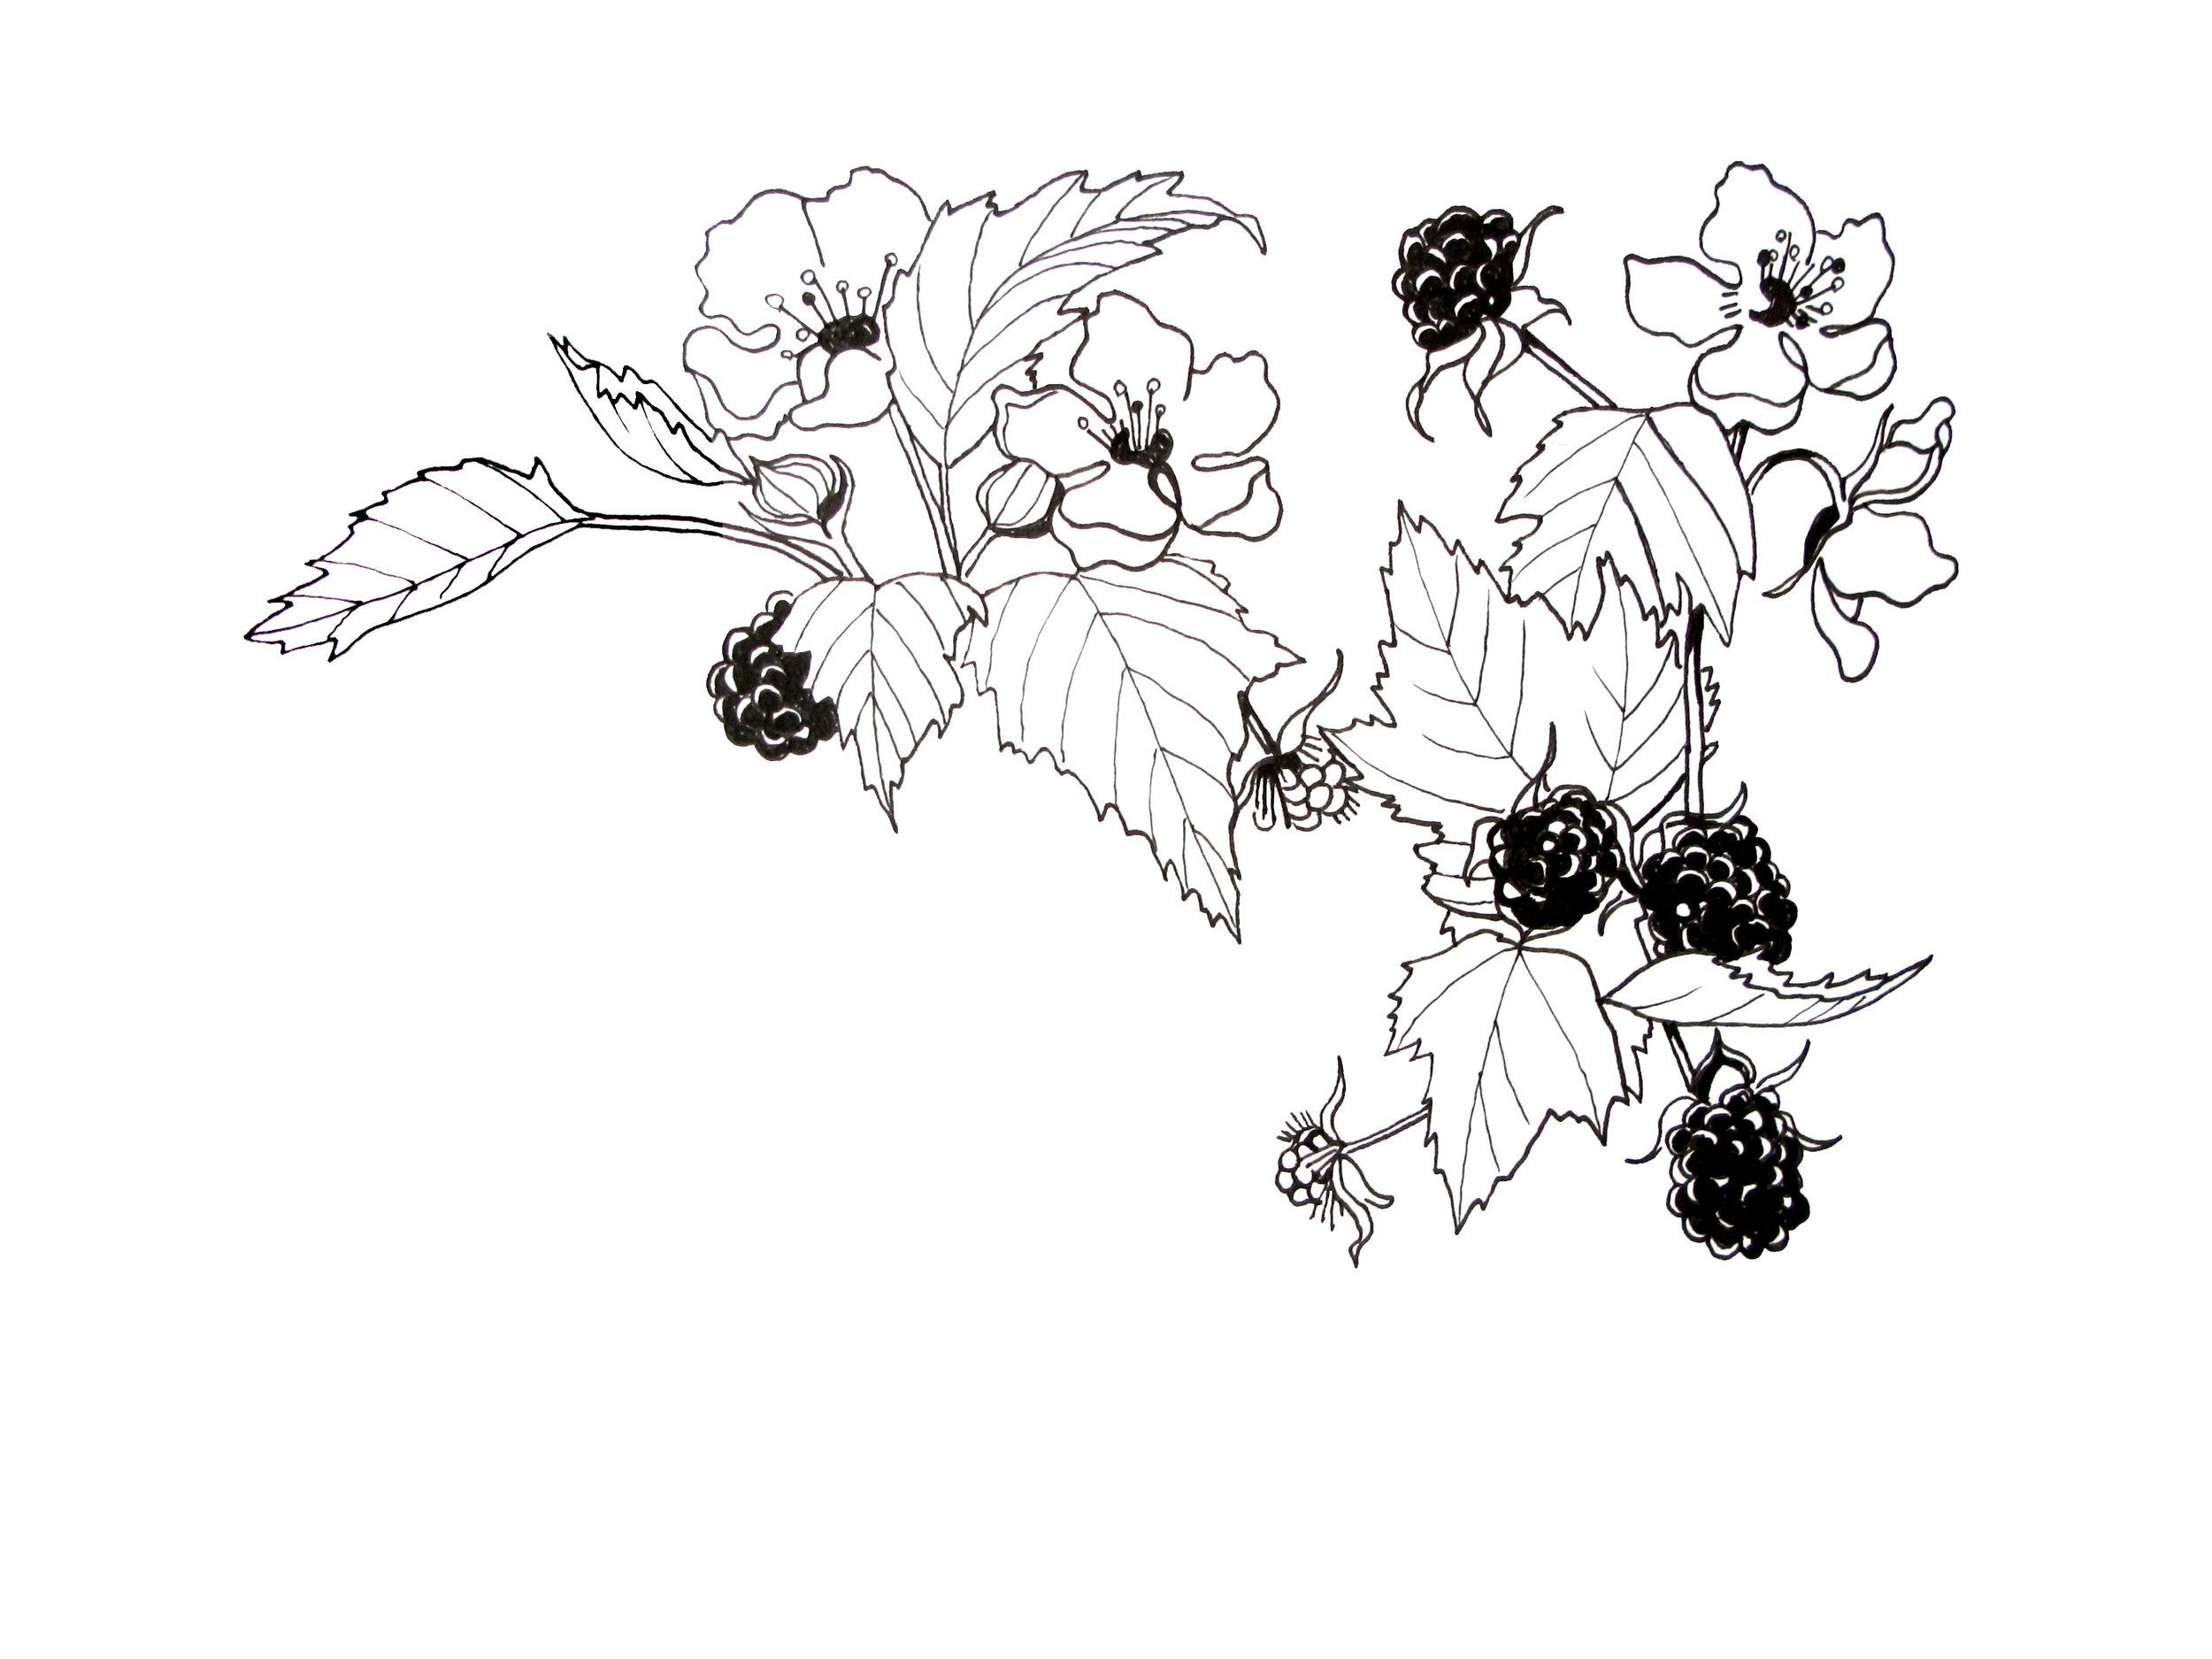 blackberry branch copy.jpg